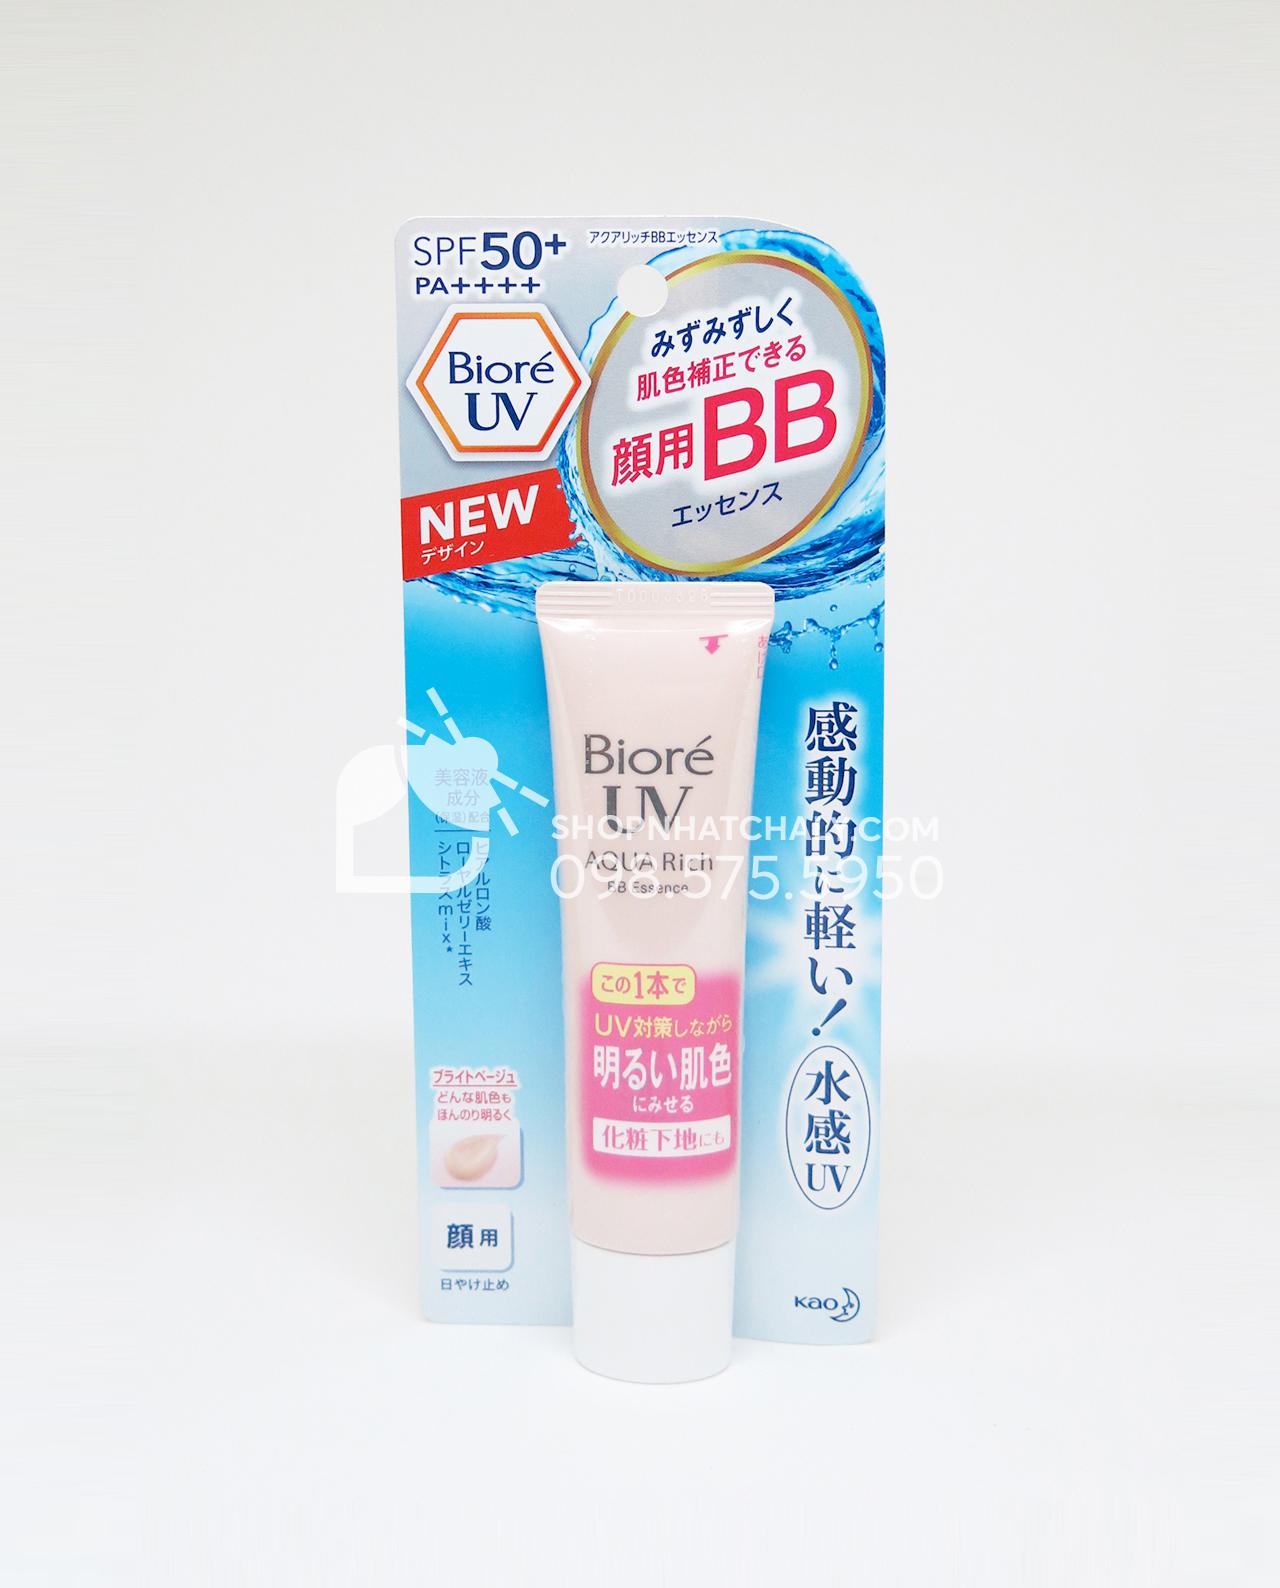 Kem chống nắng che khuyết điểm Biore Uv Aqua Rich Bb Essence Nhật Bản